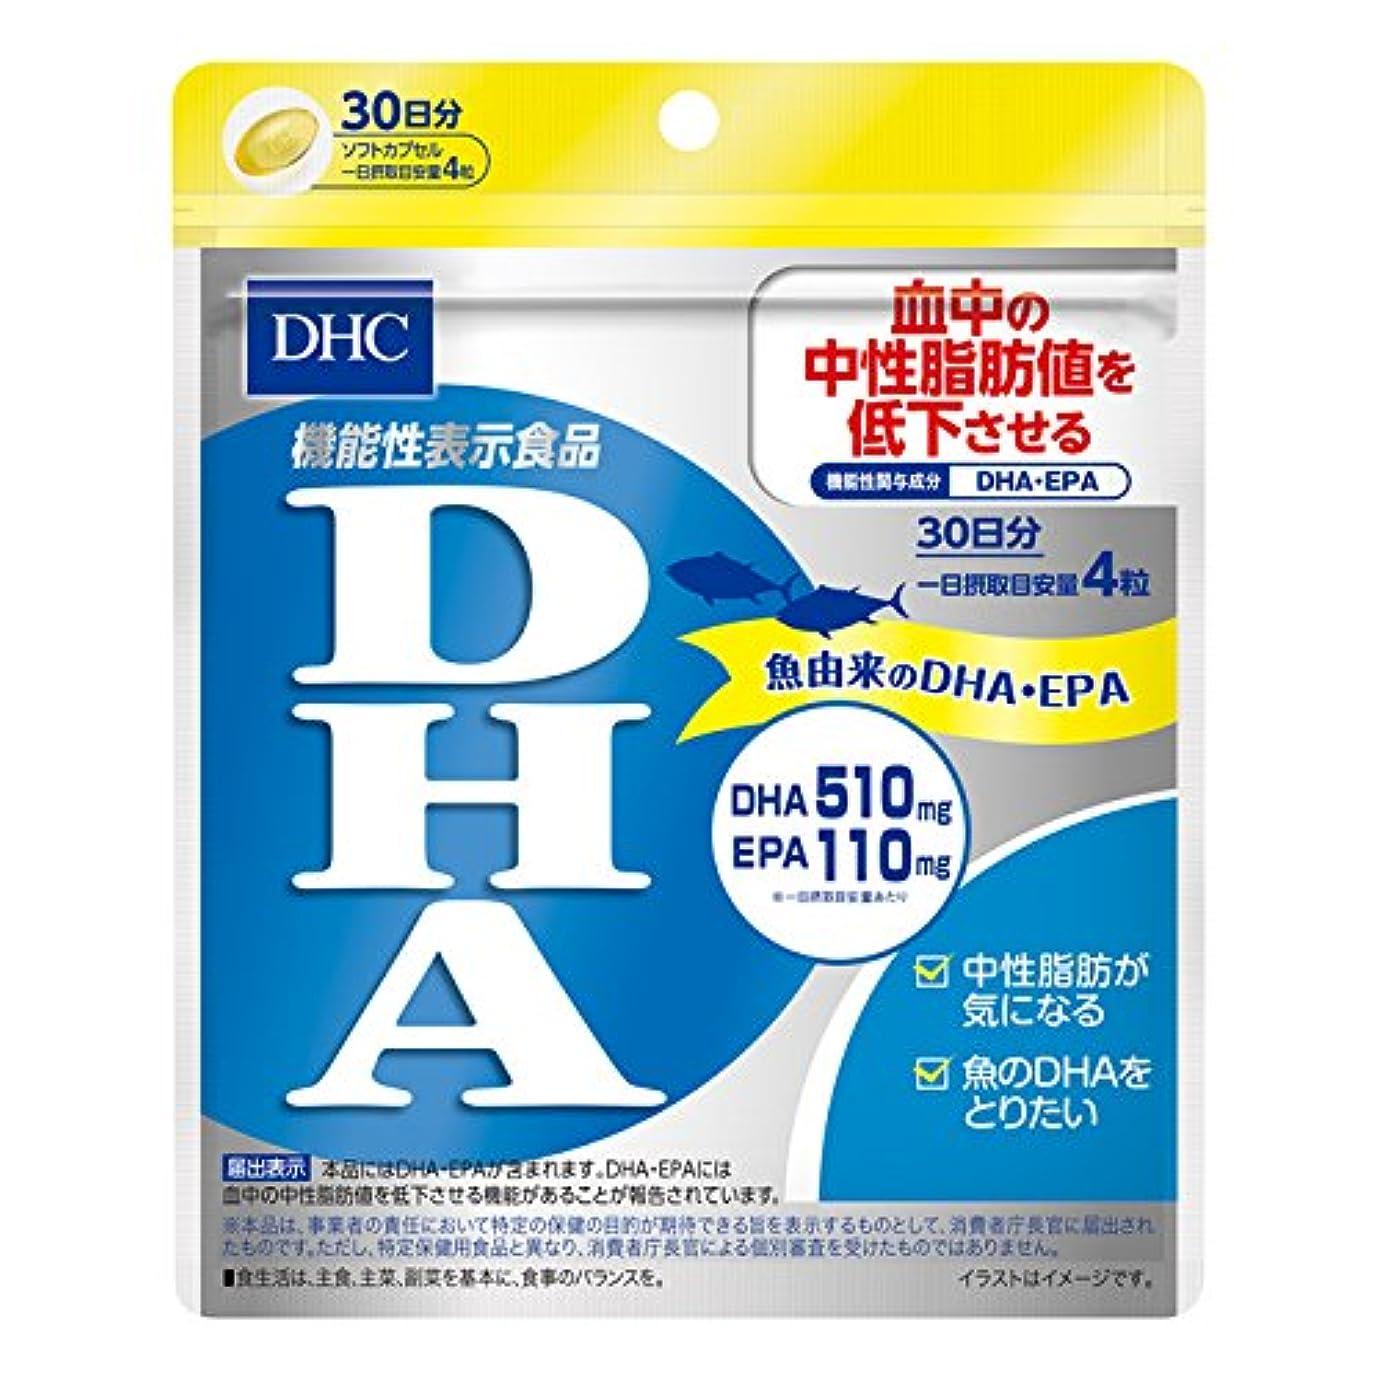 フェデレーションラショナルまたはどちらかDHC DHA 30日分 [機能性表示食品]